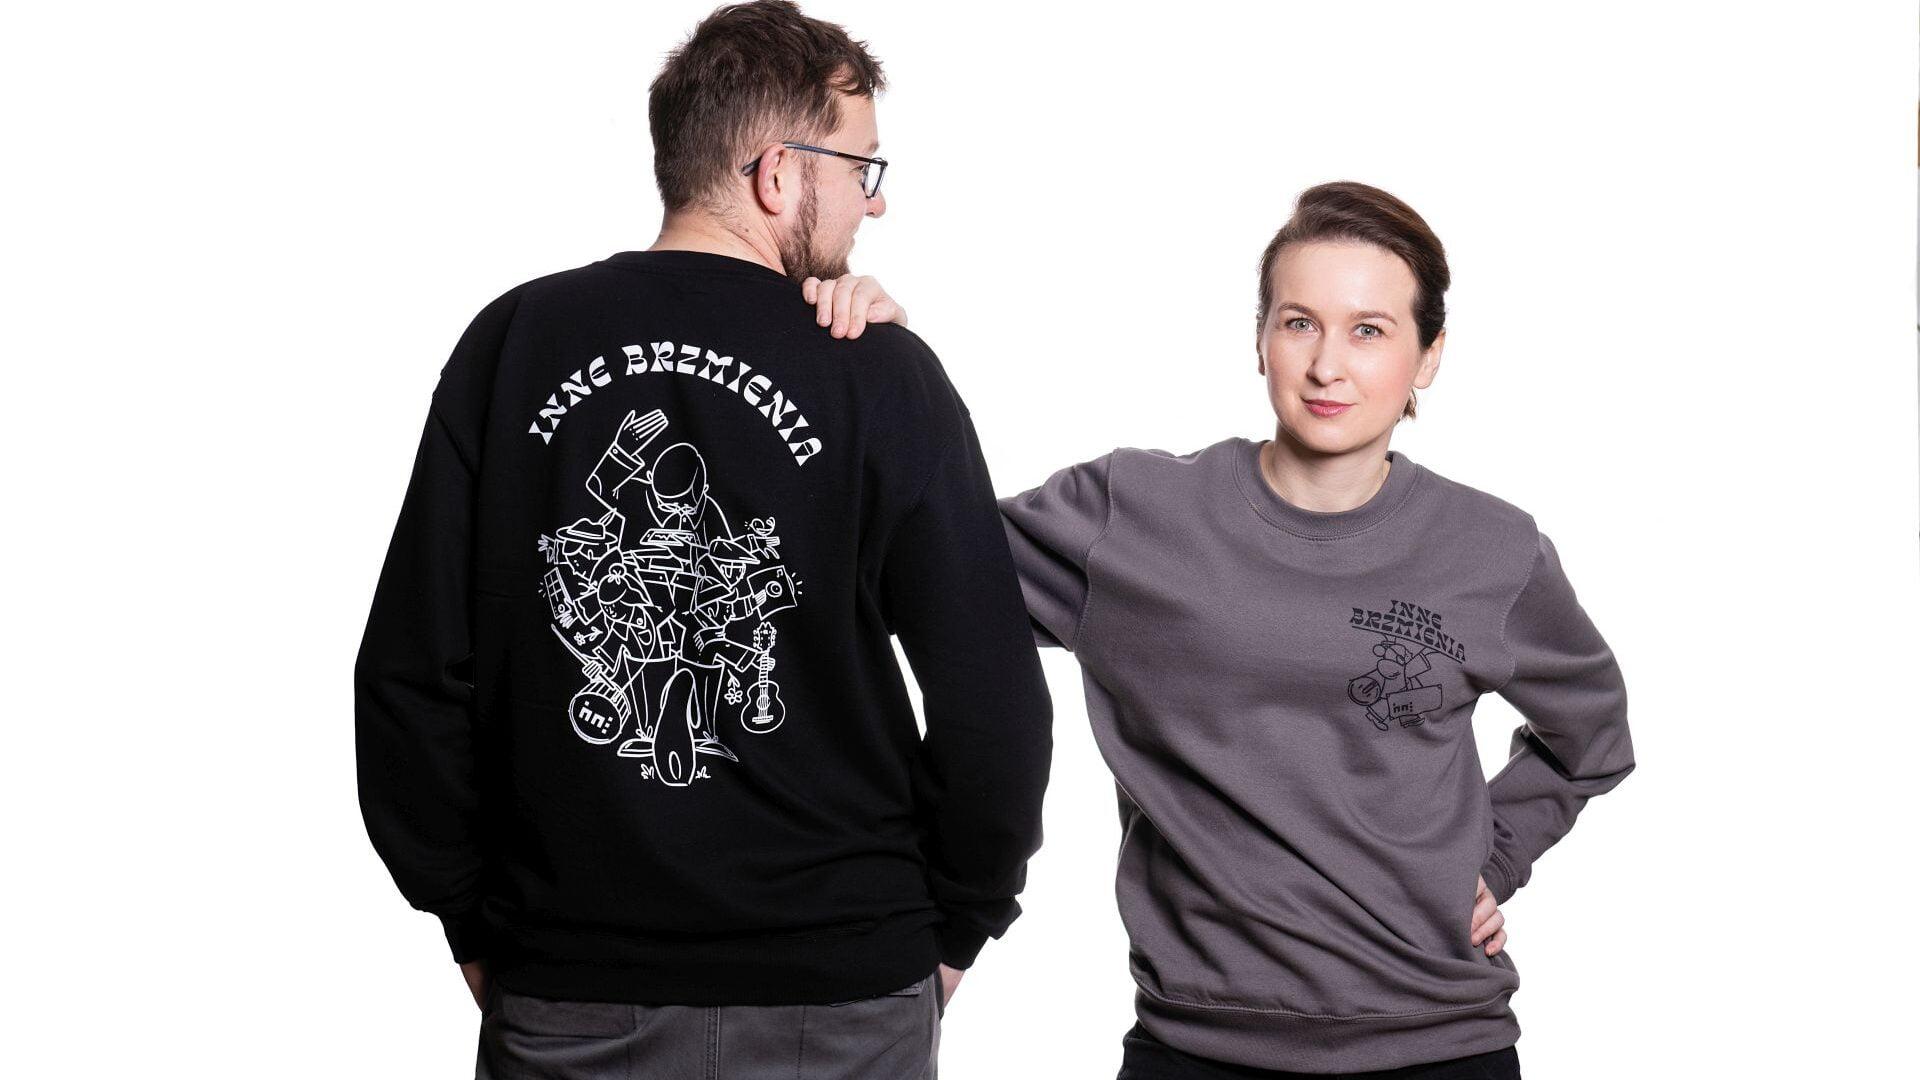 dwie osoby, kobieta i mężczyzna stoją obok siebie. Kobieta przodem, mężczyzna tyłem. Obydwoje ubrani w takie same bluzy, w dwóch różnych kolorach, czarnym i szarym. z tyłu czarnej bluzy duży biały nadruk, z przodu szarej bluzy niewielki nadruk po lewej stronie